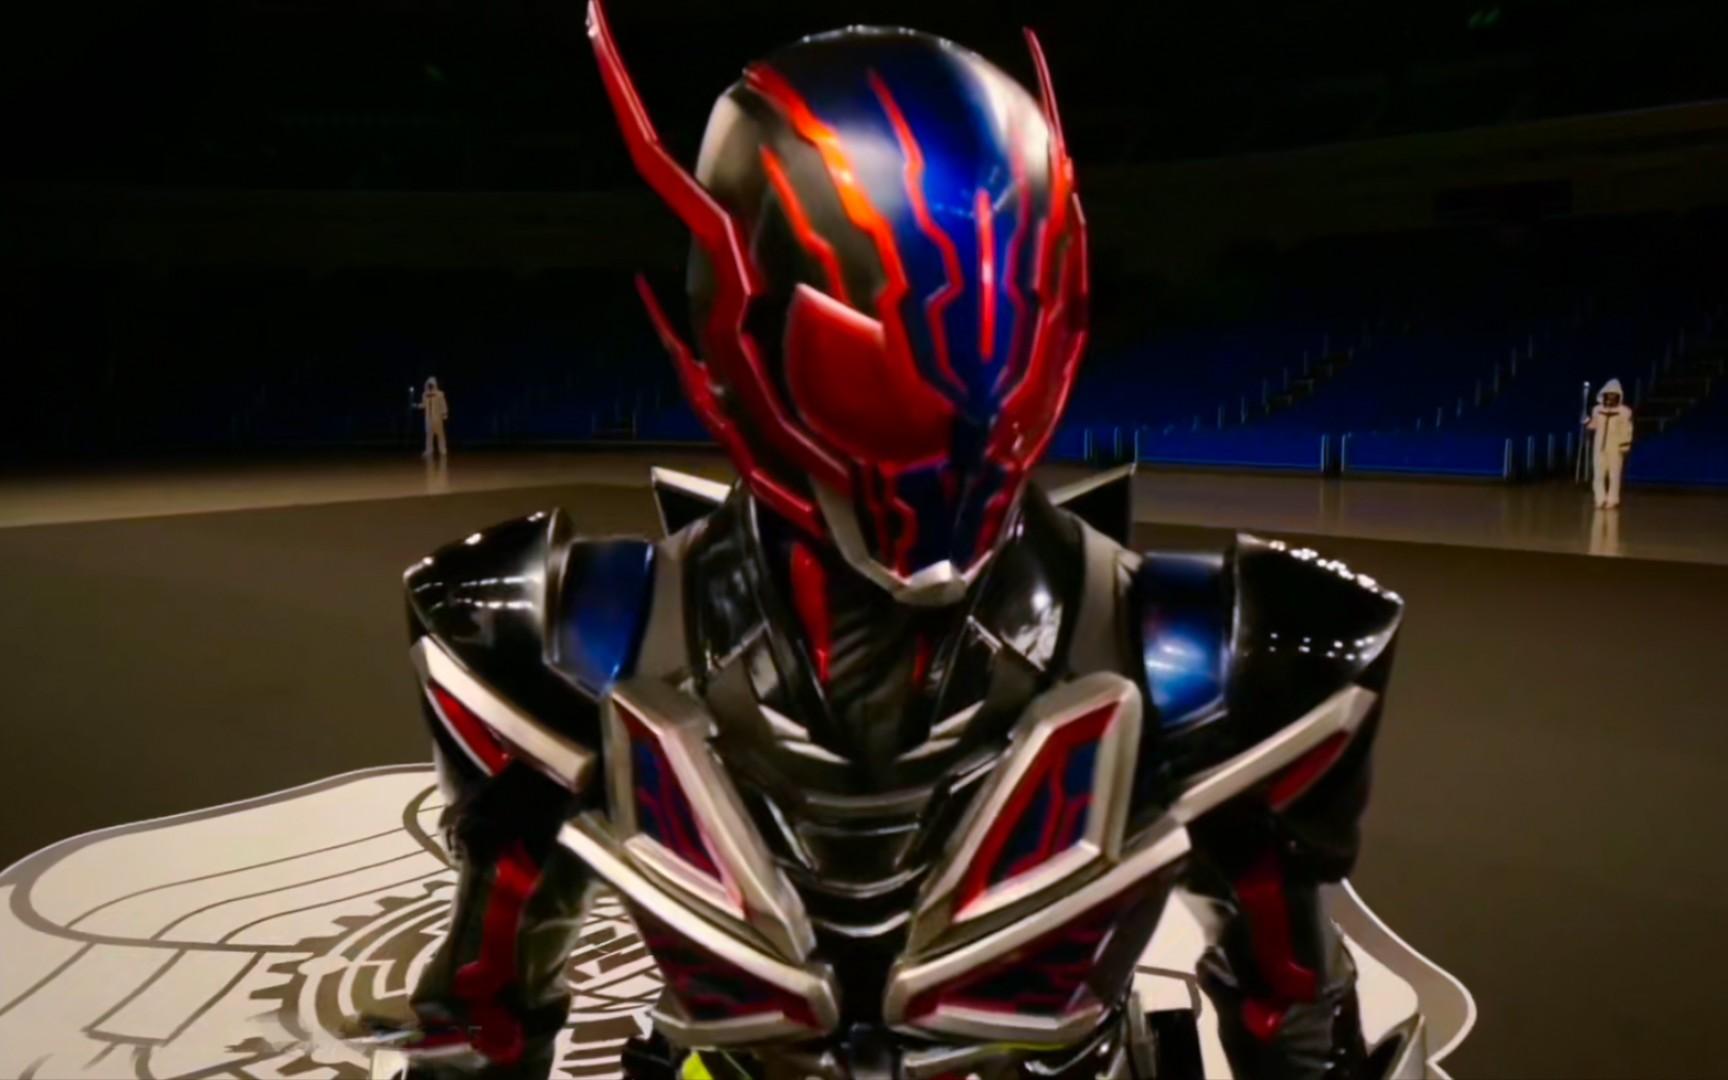 假面骑士01-假面骑士伊甸变身音效(重制版)